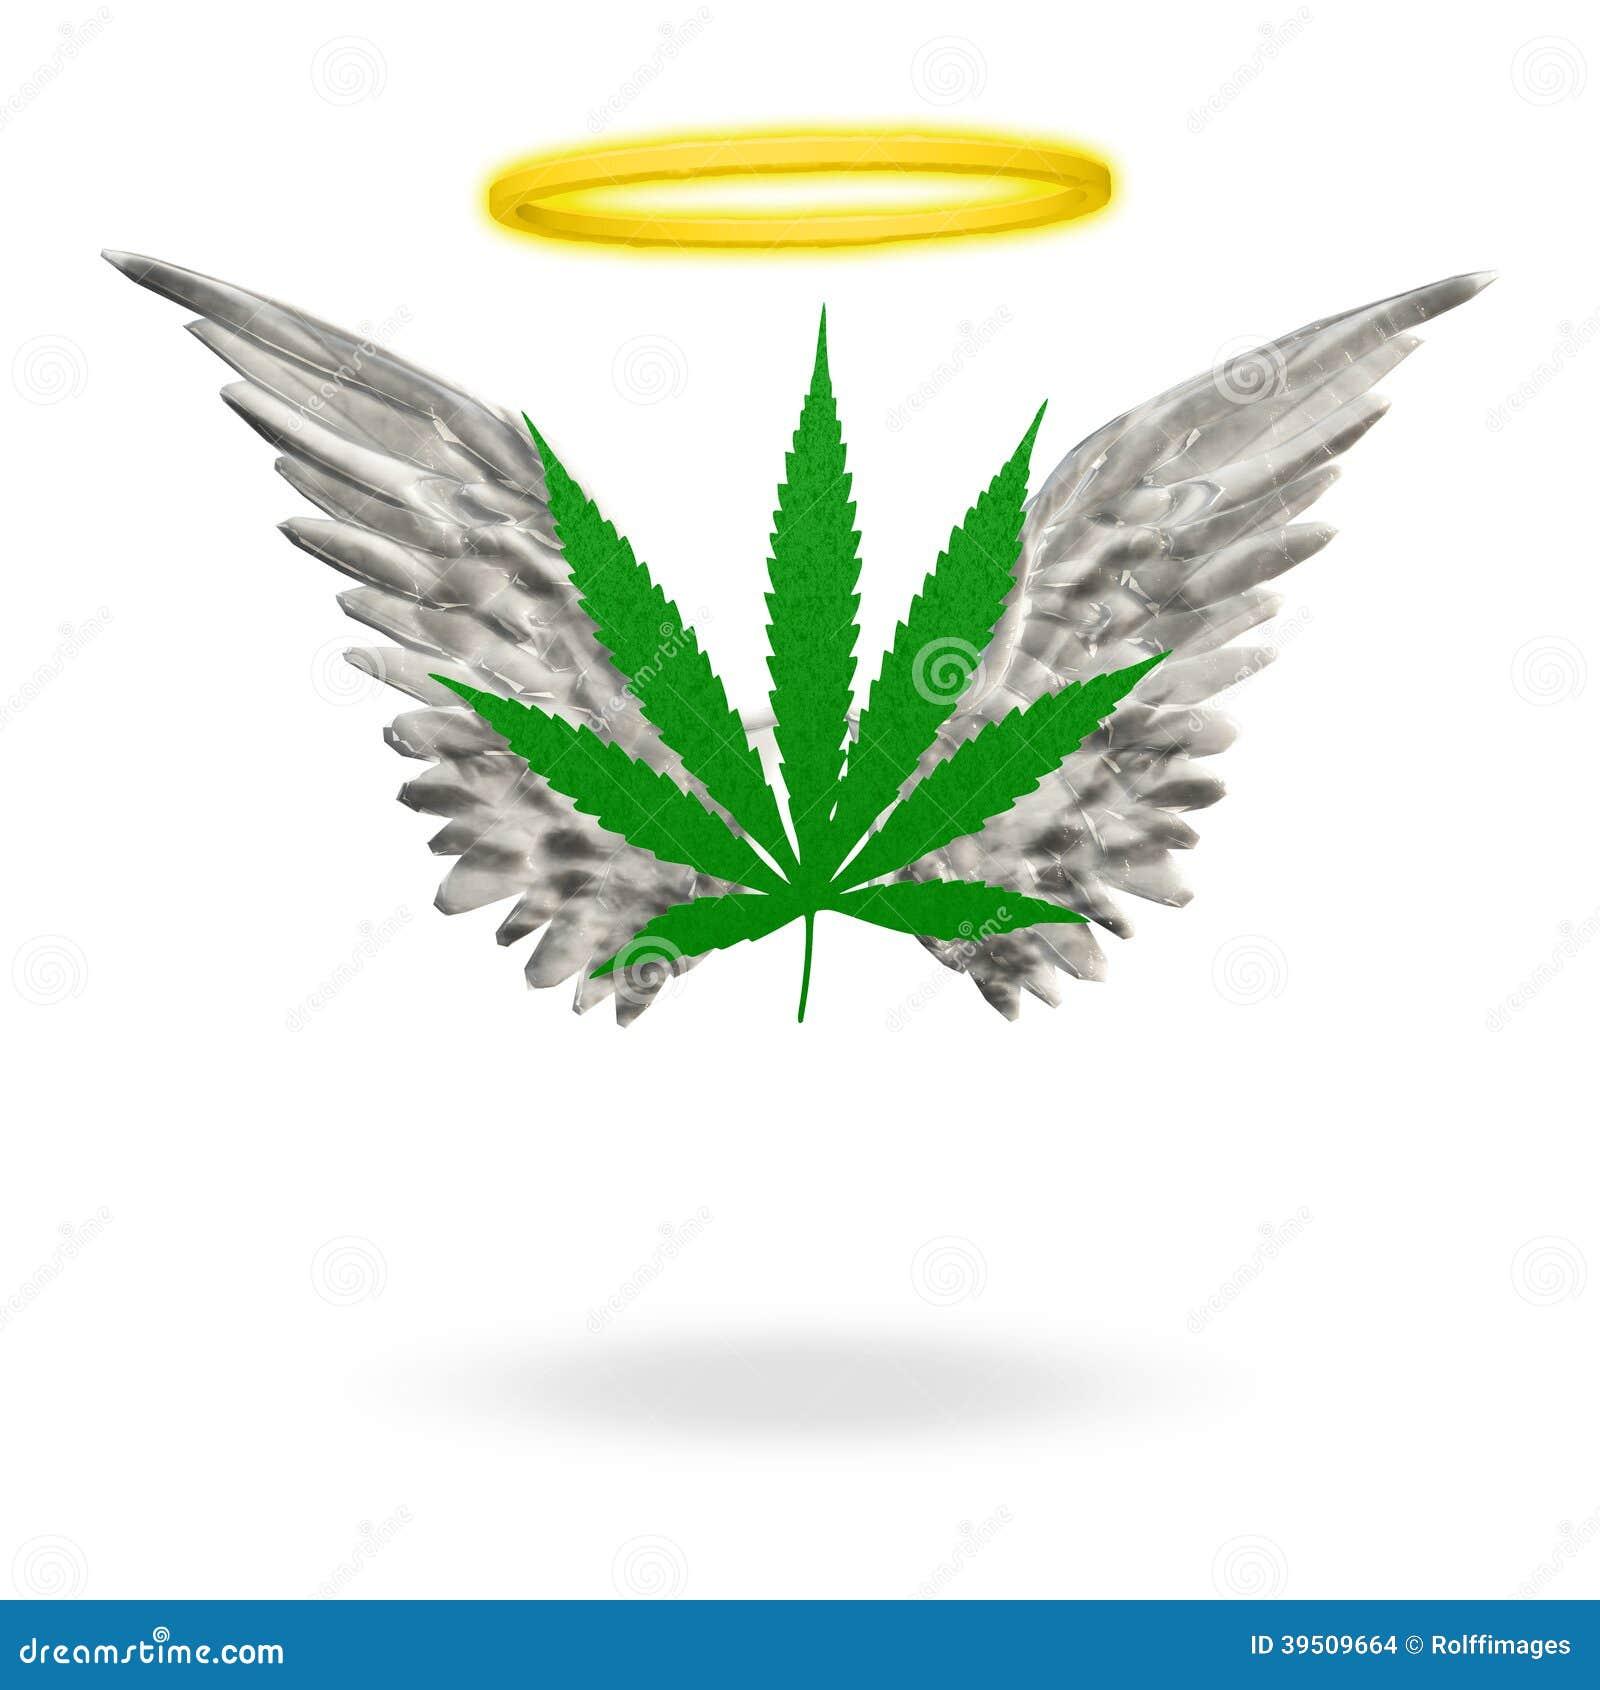 Angelic Weed